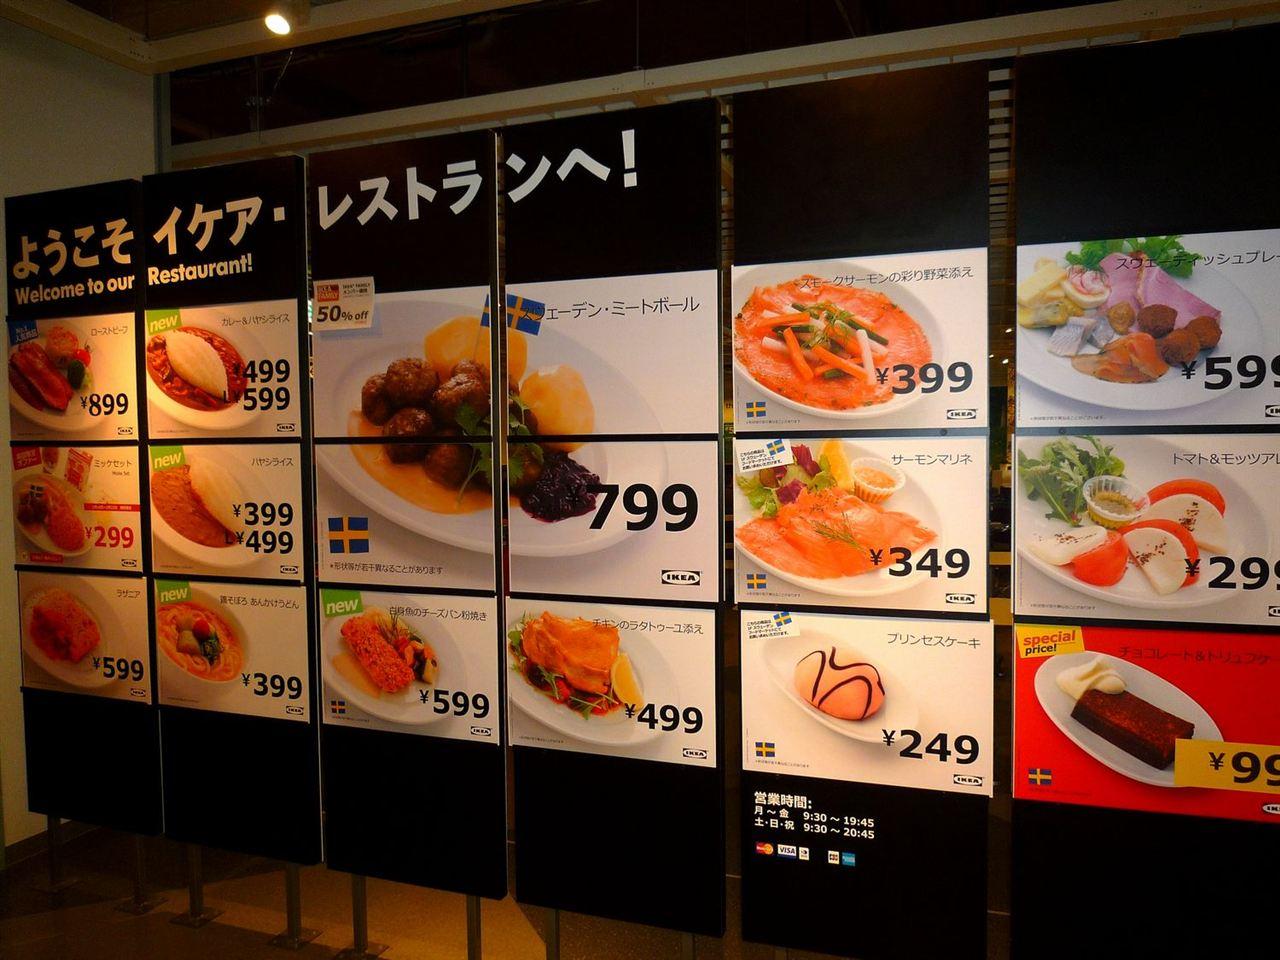 大満足!ikeaレストランの魅力と評判、おすすめメニュー厳選5つ | 北欧